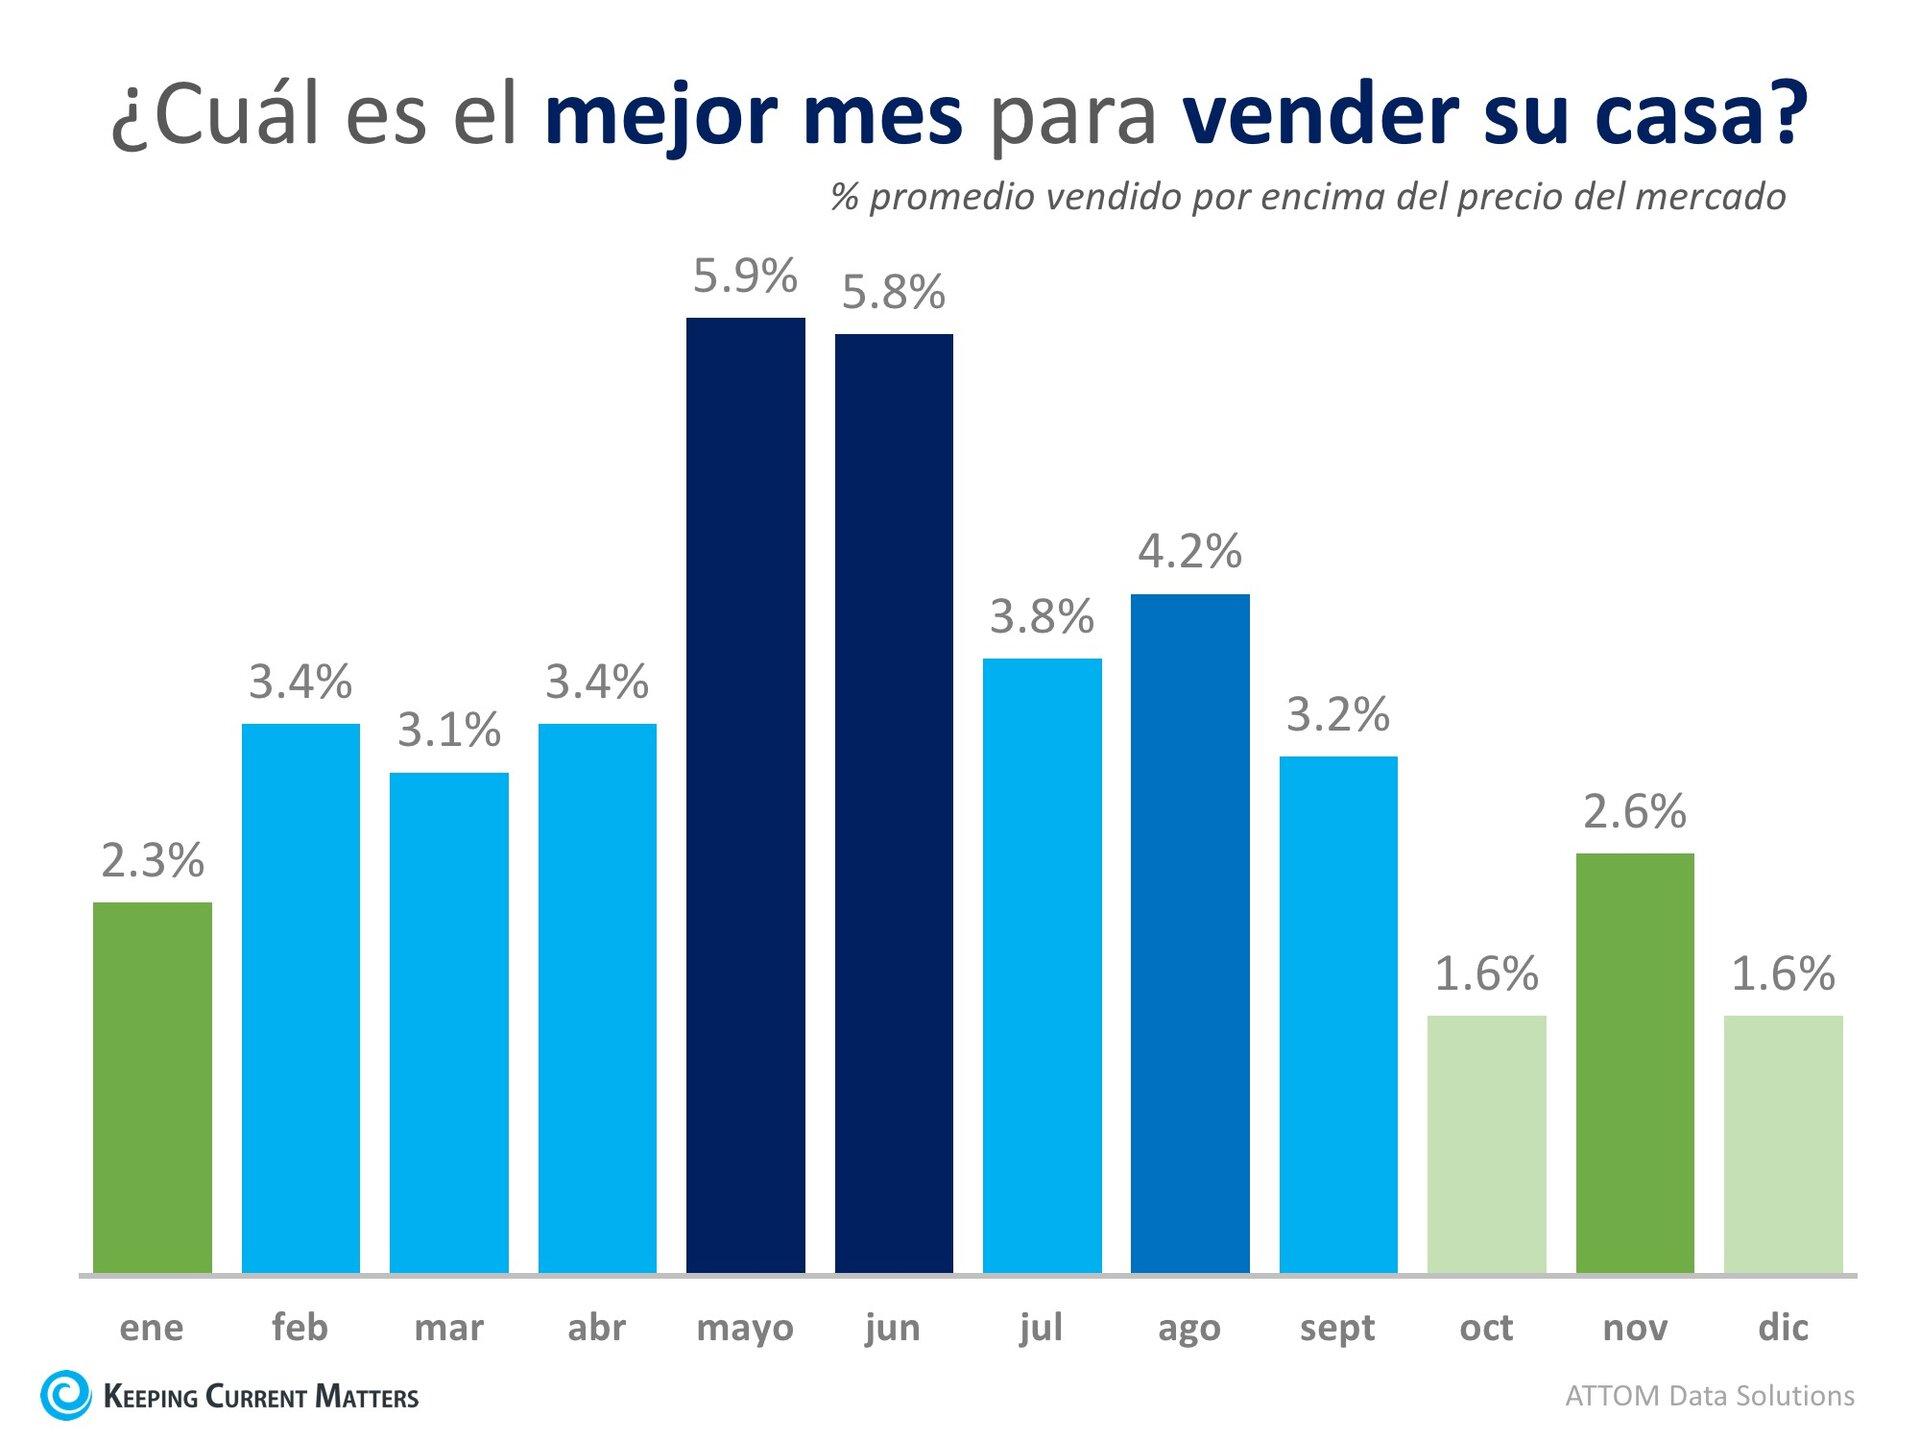 Justo a tiempo: Los datos dicen que mayo es el mejor mes para vender su casa | Keeping Current Matters